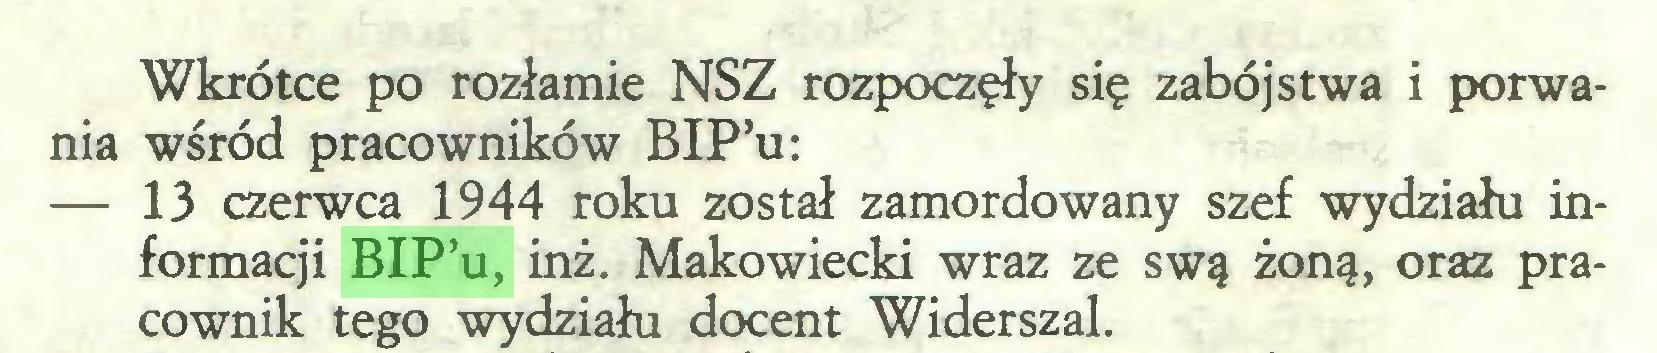 (...) Wkrótce po rozłamie NSZ rozpoczęły się zabójstwa i porwania wśród pracowników BIP'u: — 13 czerwca 1944 roku został zamordowany szef wydziału informacji BIP'u, inż. Makowiecki wraz ze swą żoną, oraz pracownik tego wydziału docent Widerszal...